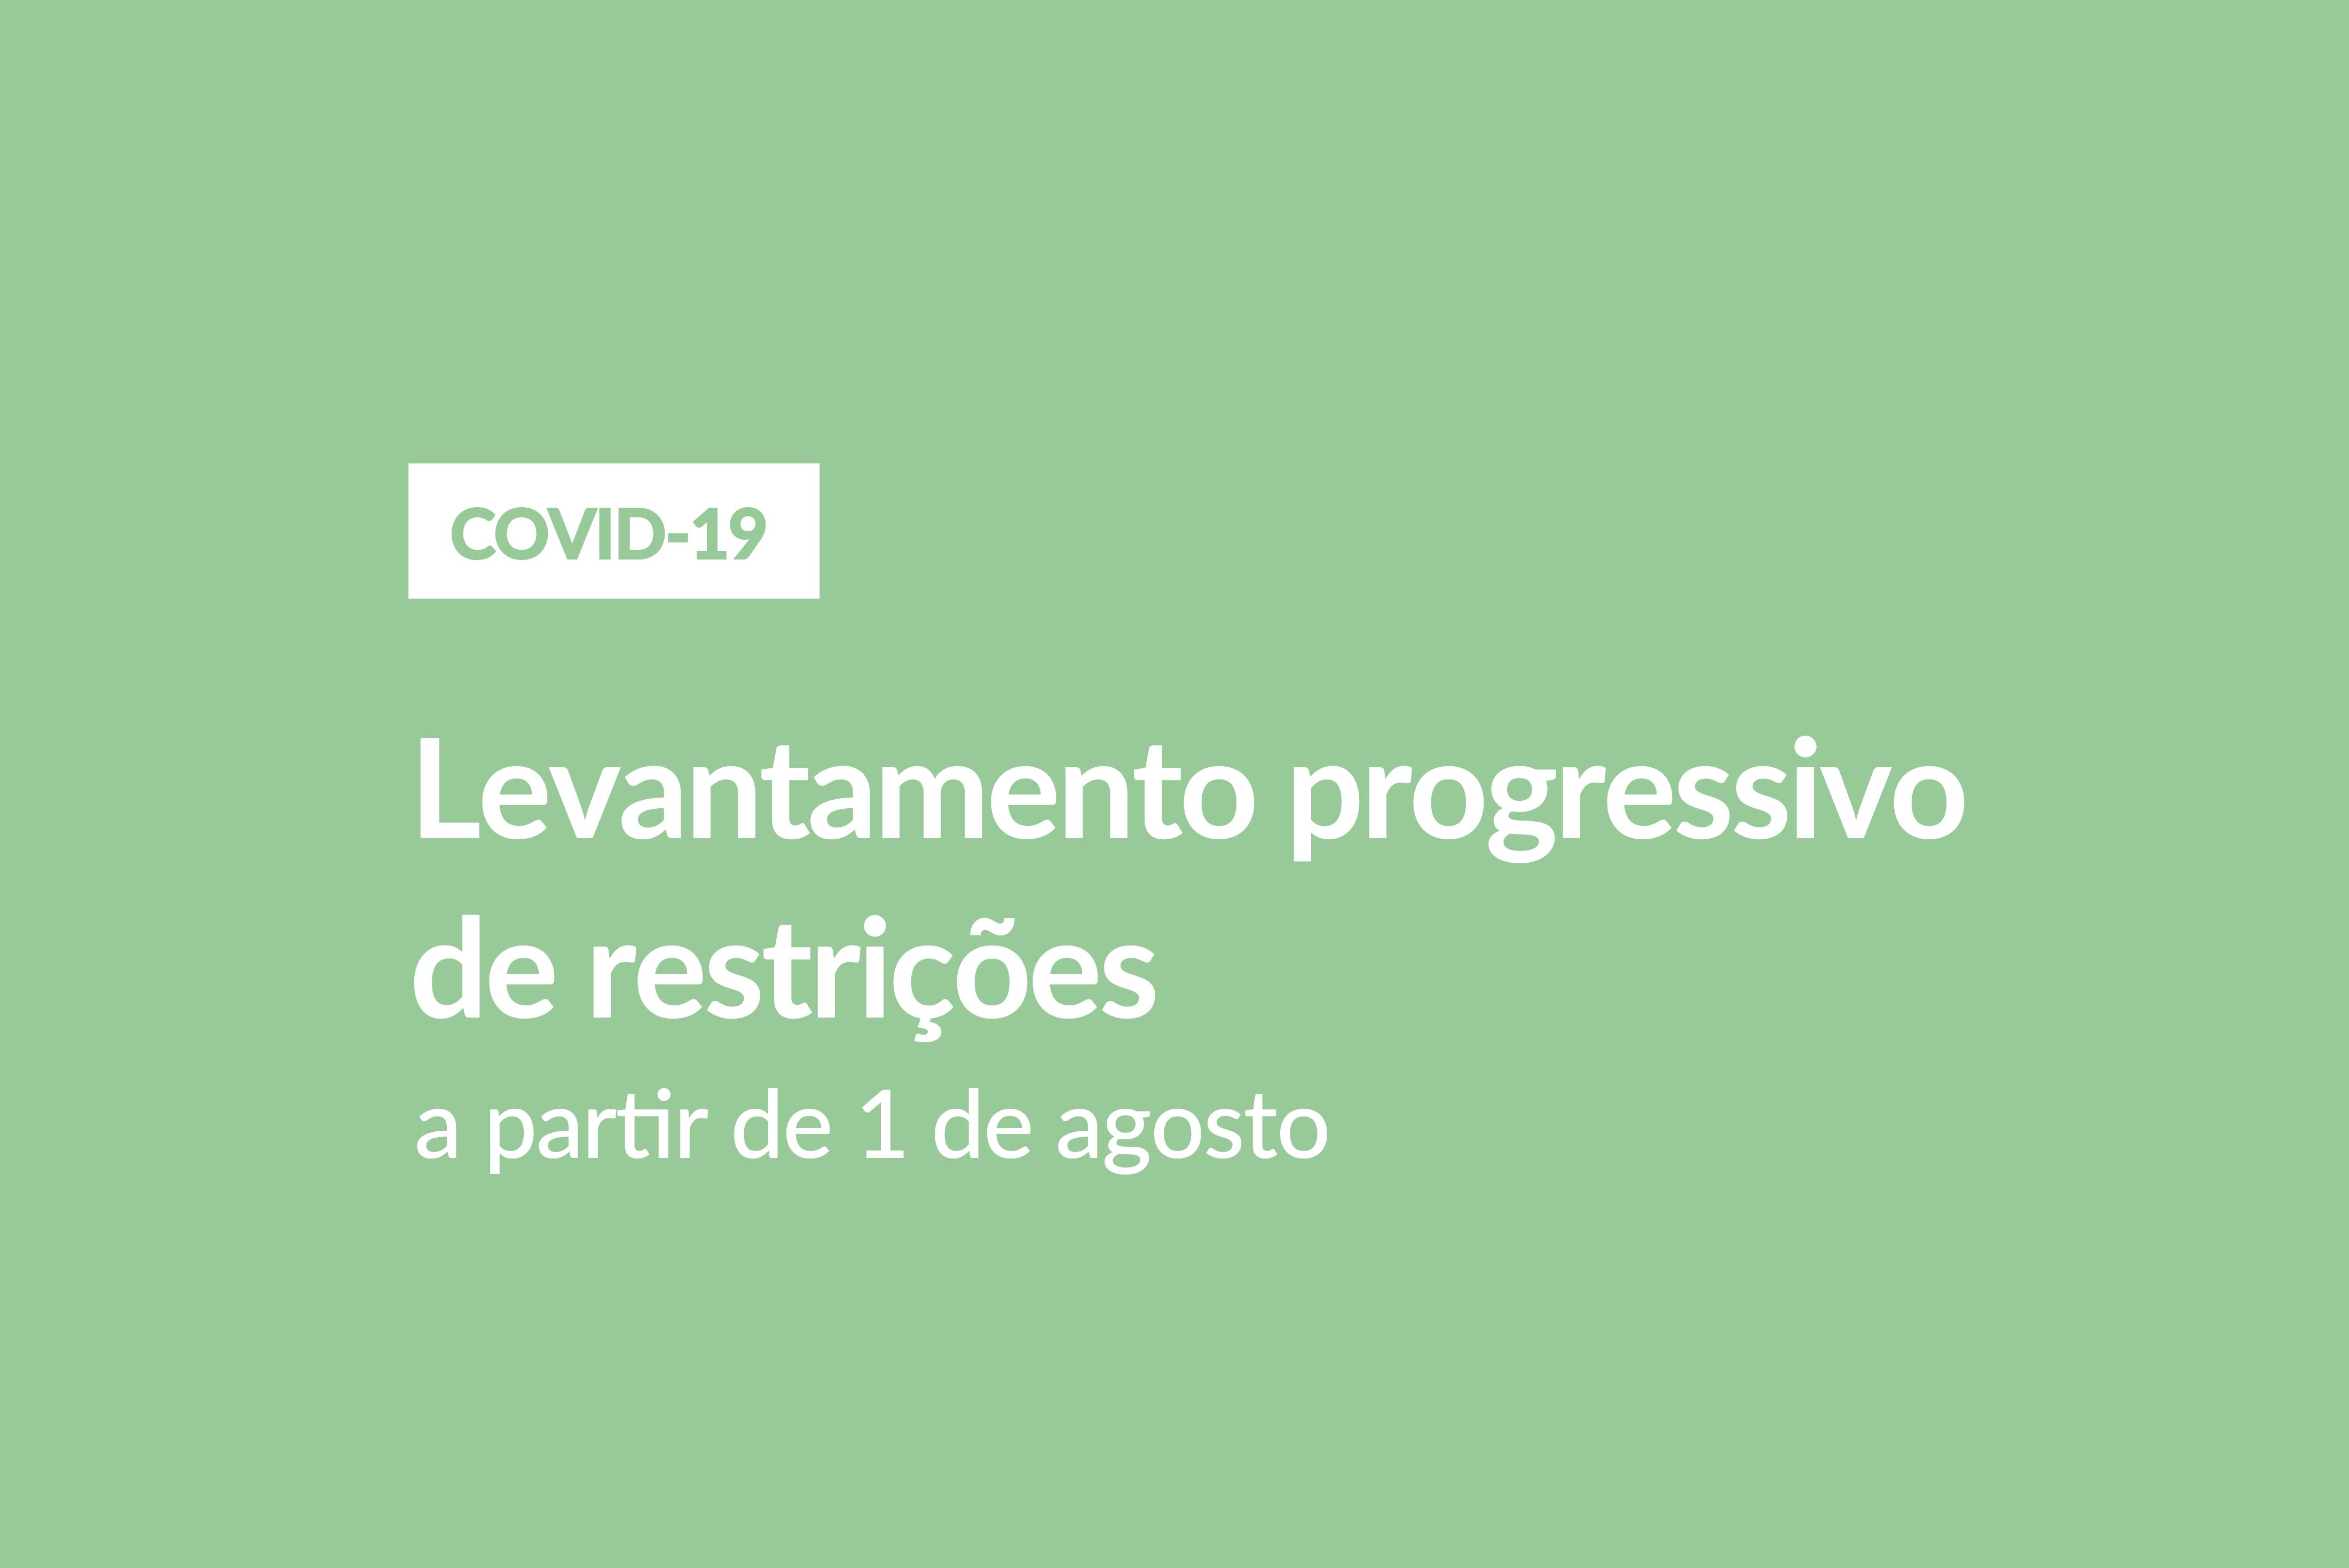 Levantamento progressivo de restrições decorrerá em 3 fases